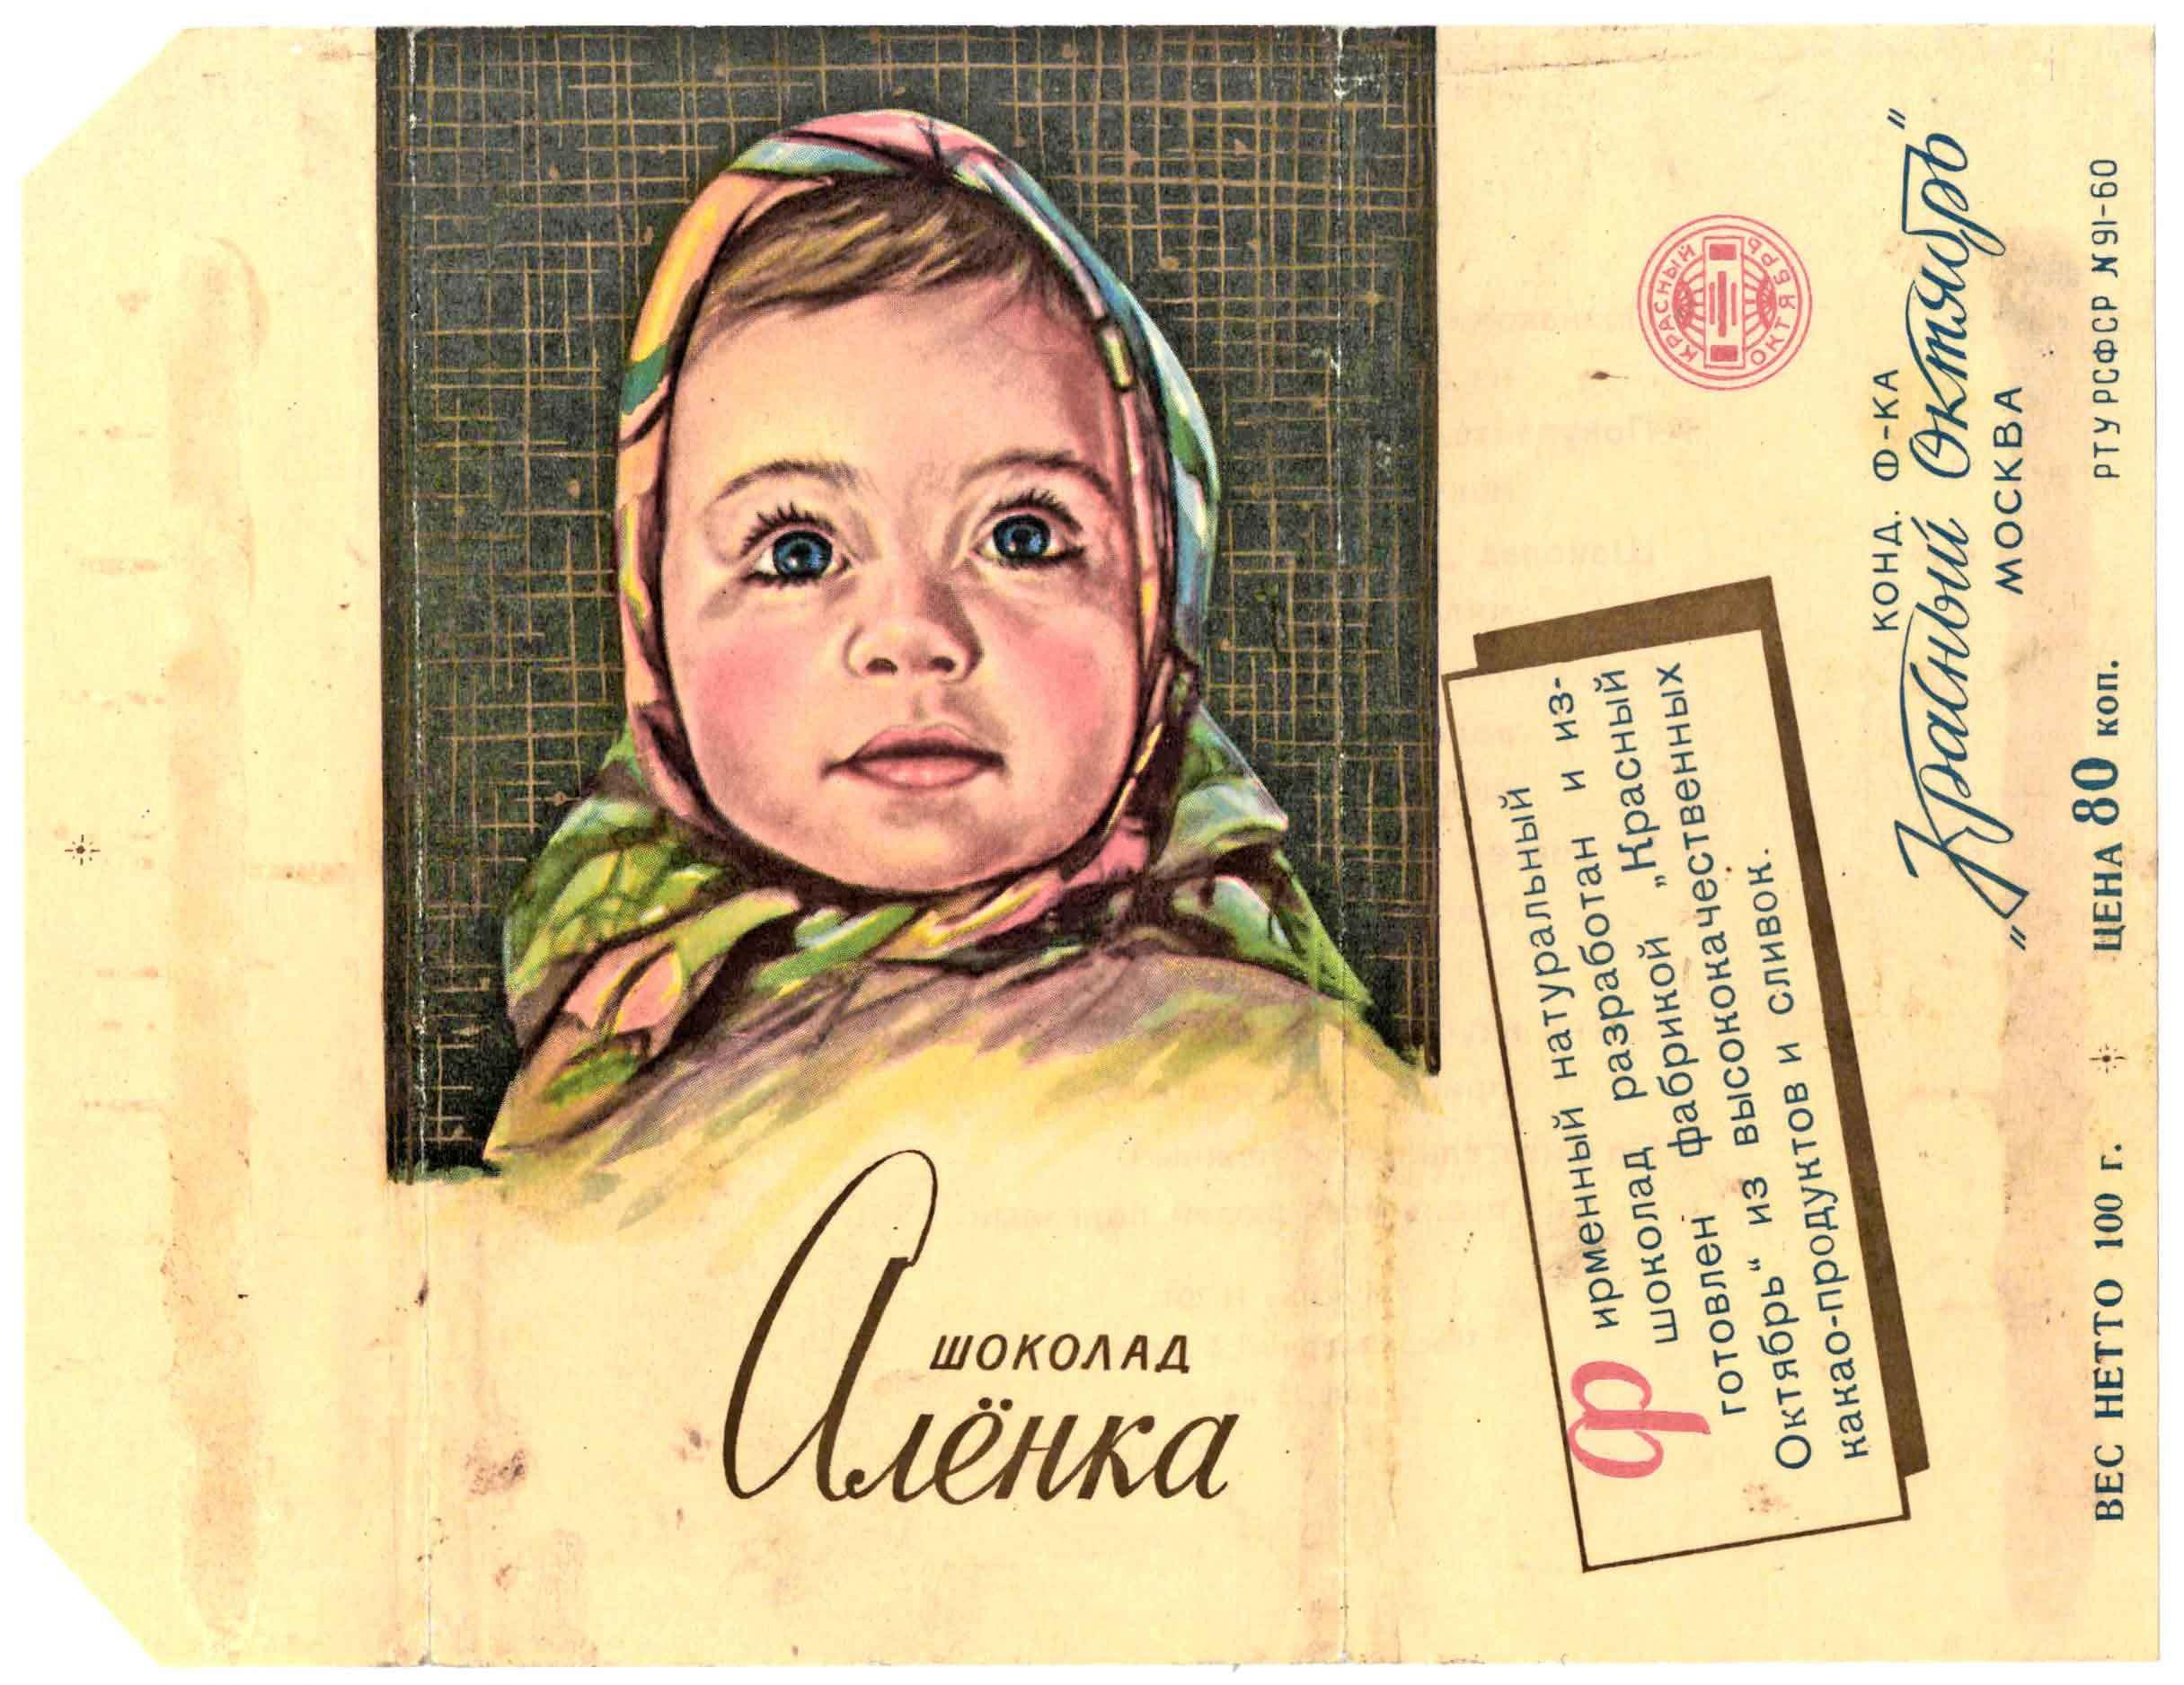 История шоколада Аленка